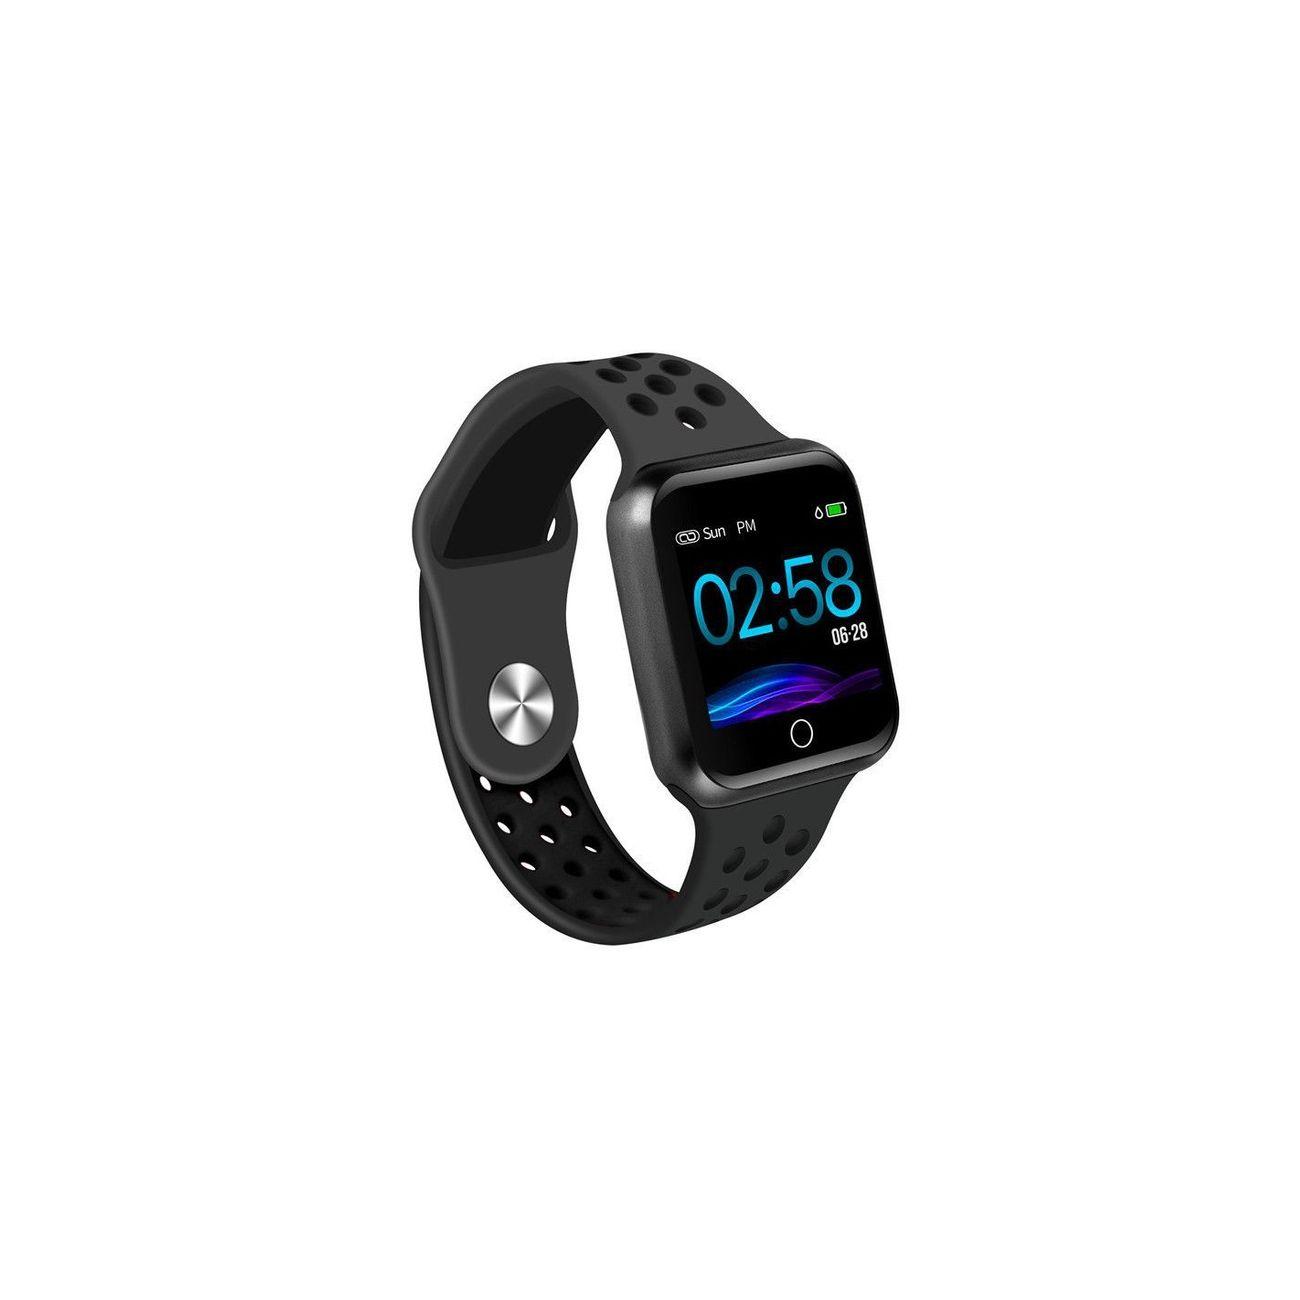 CELLYS Montre connectée sport cardio Bluetooth X-Fit